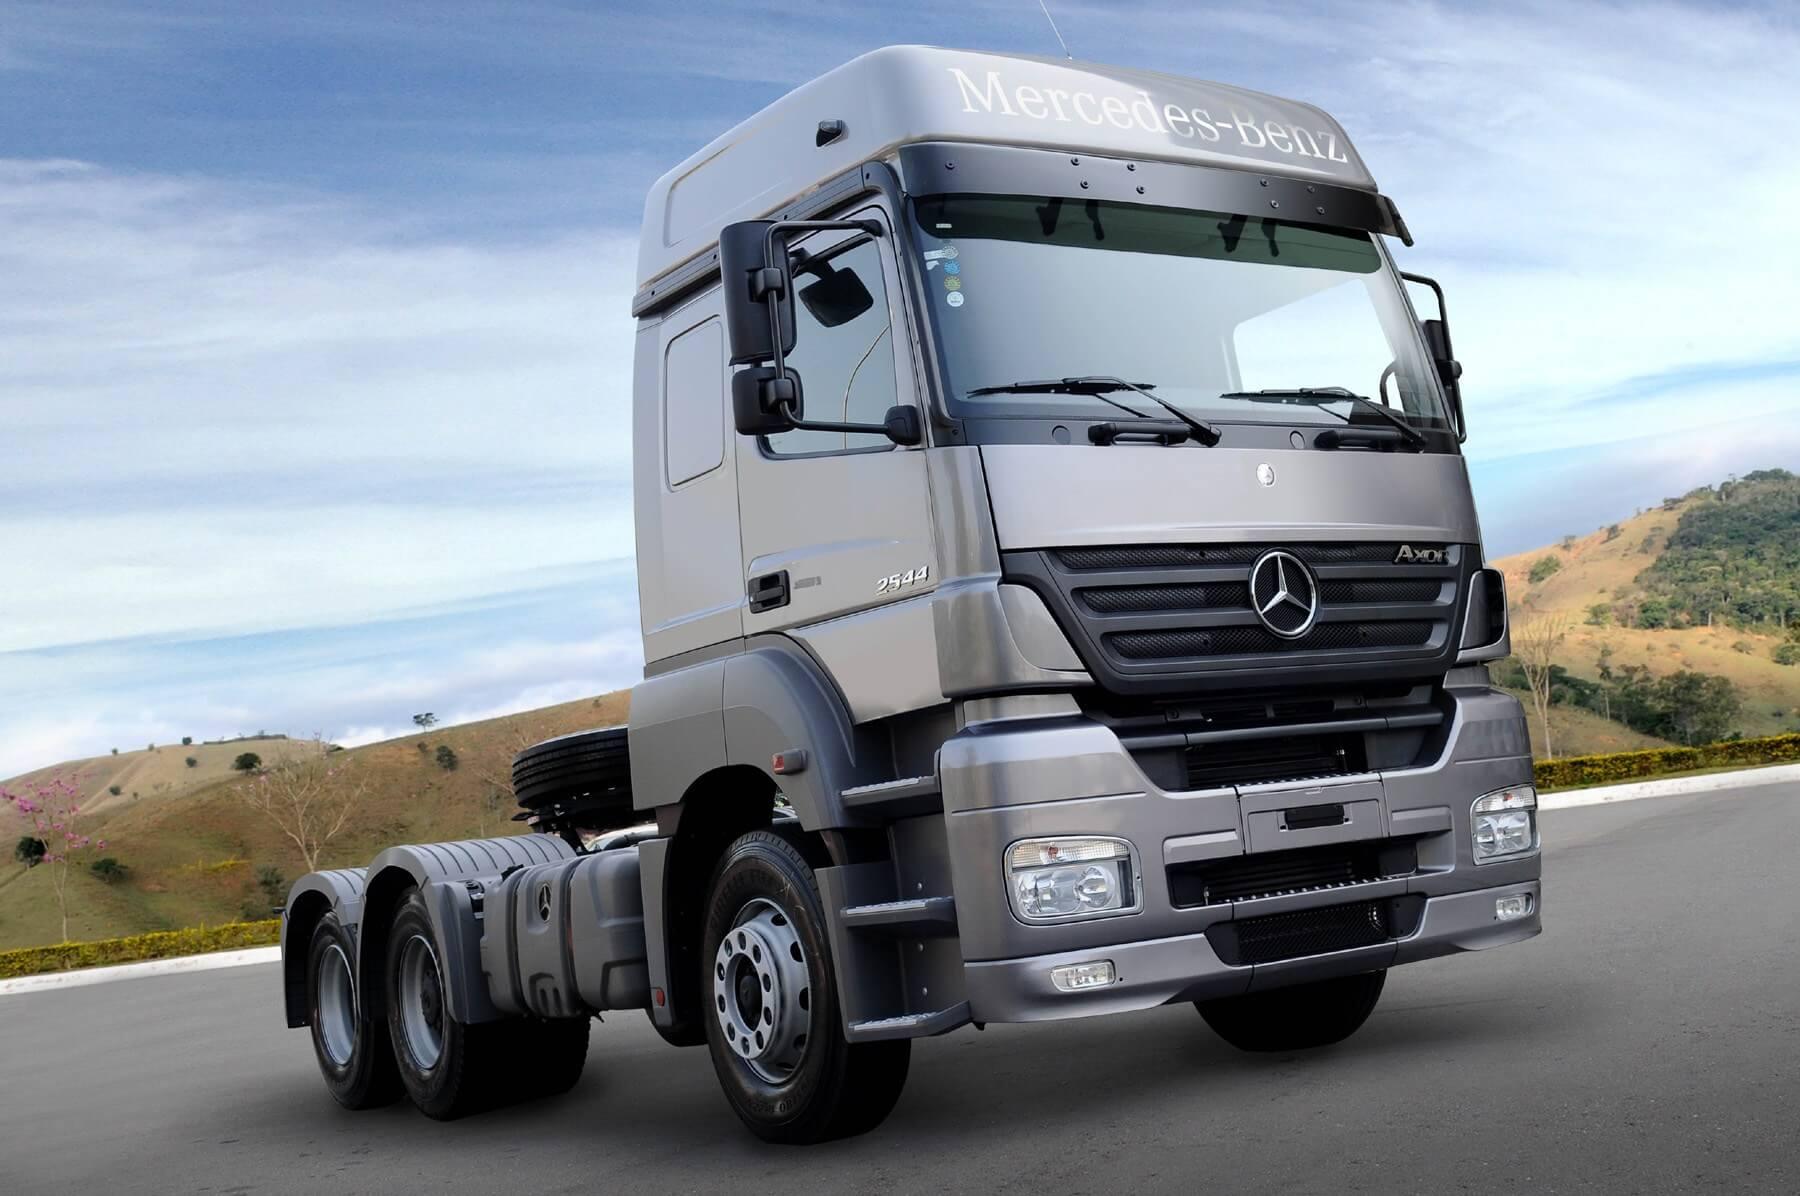 Transporte e logística: 5 passos para evitar perda de vidas e patrimônio nas estradas